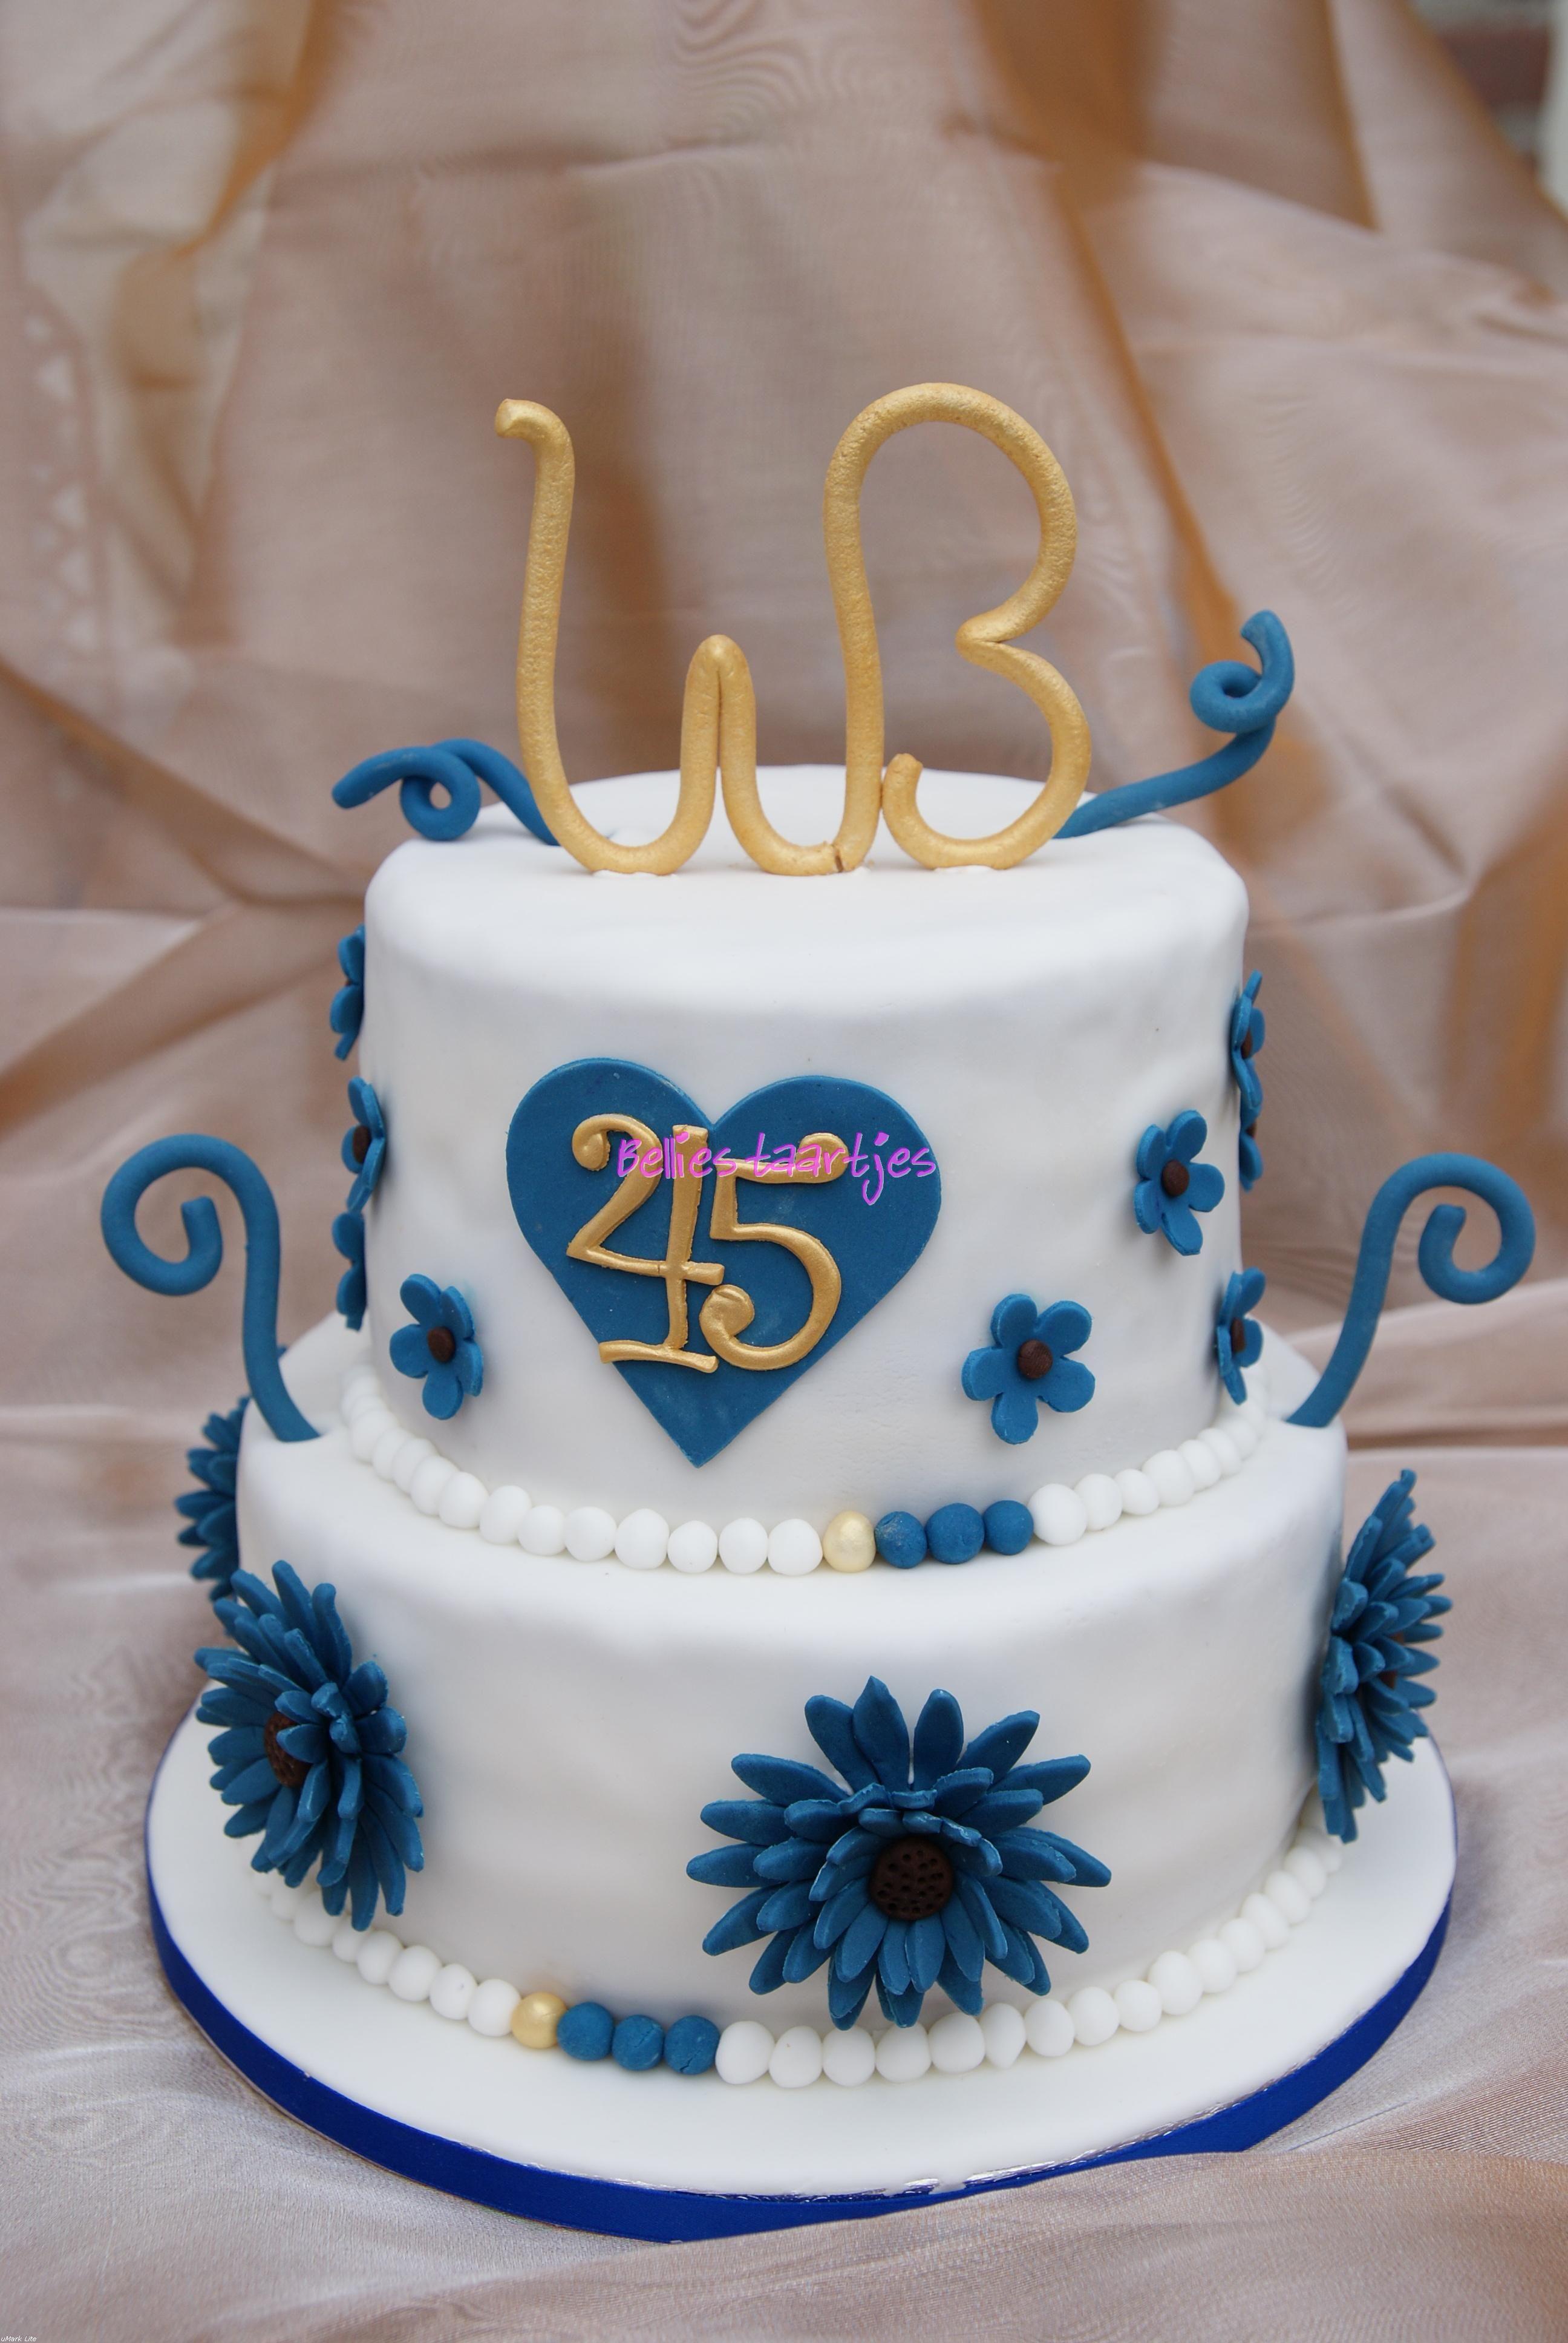 45th anniversary cake 45th wedding anniversary